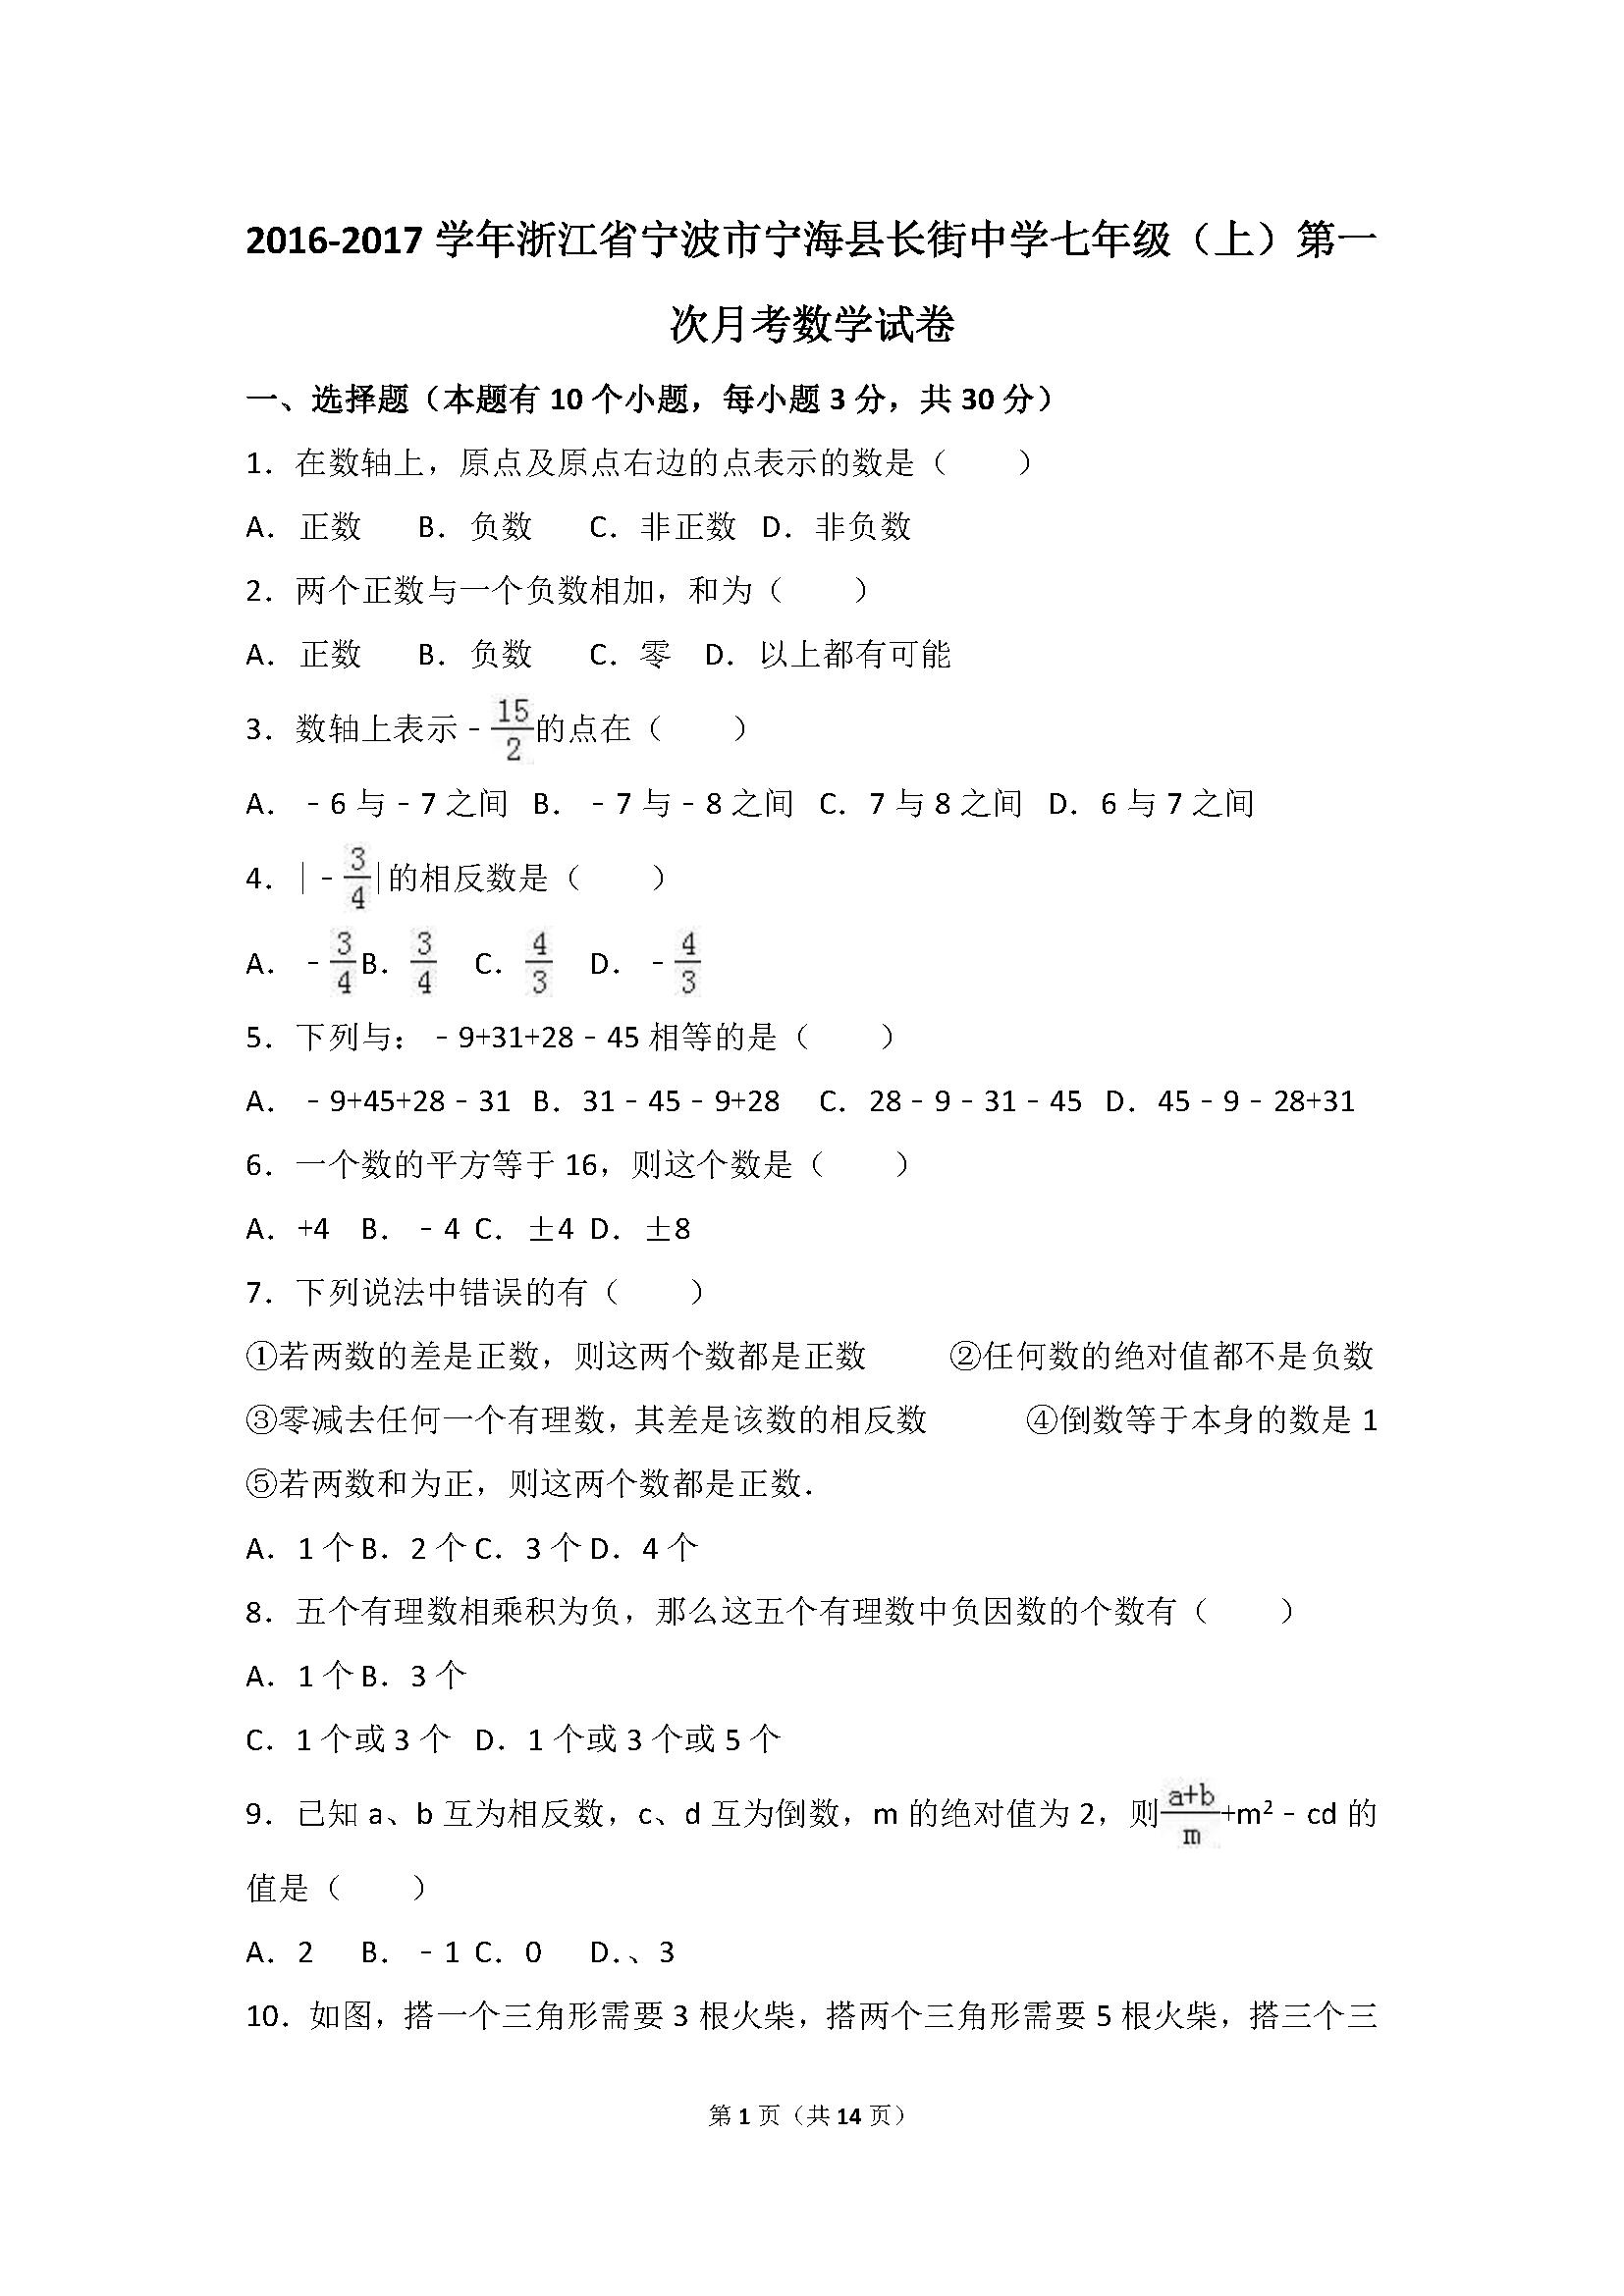 2017浙江宁波七年级上第一次月考数学试卷(Word版)